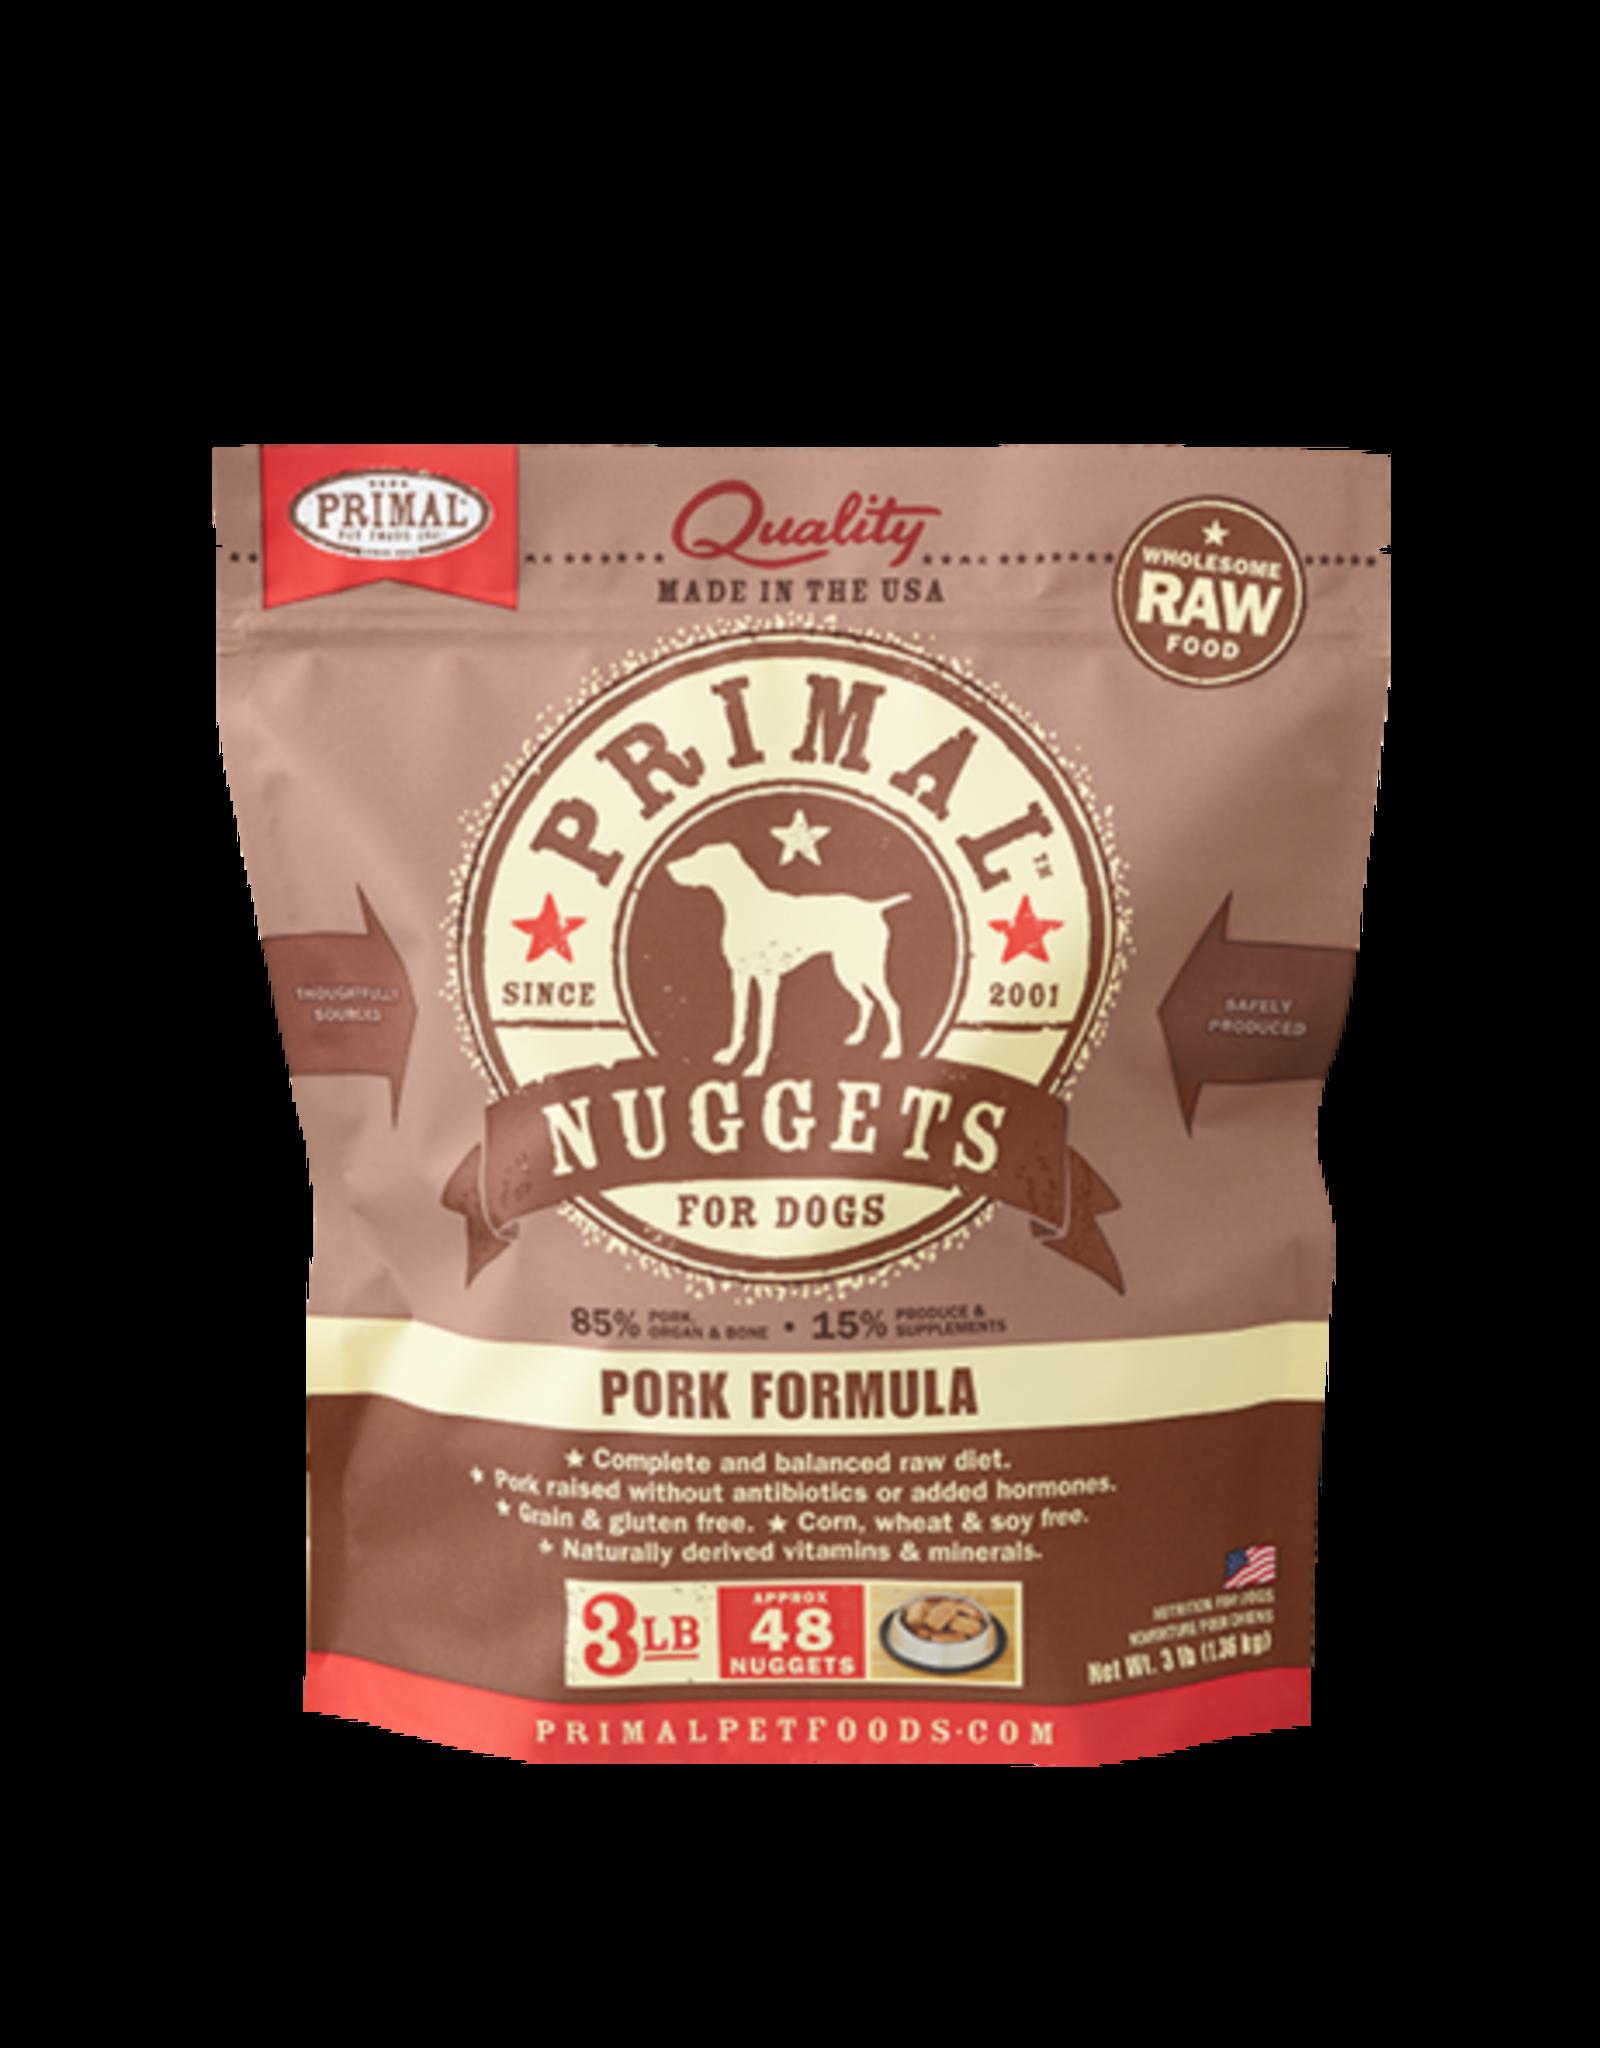 Primal Primal Frozen Canine Pork 3lb